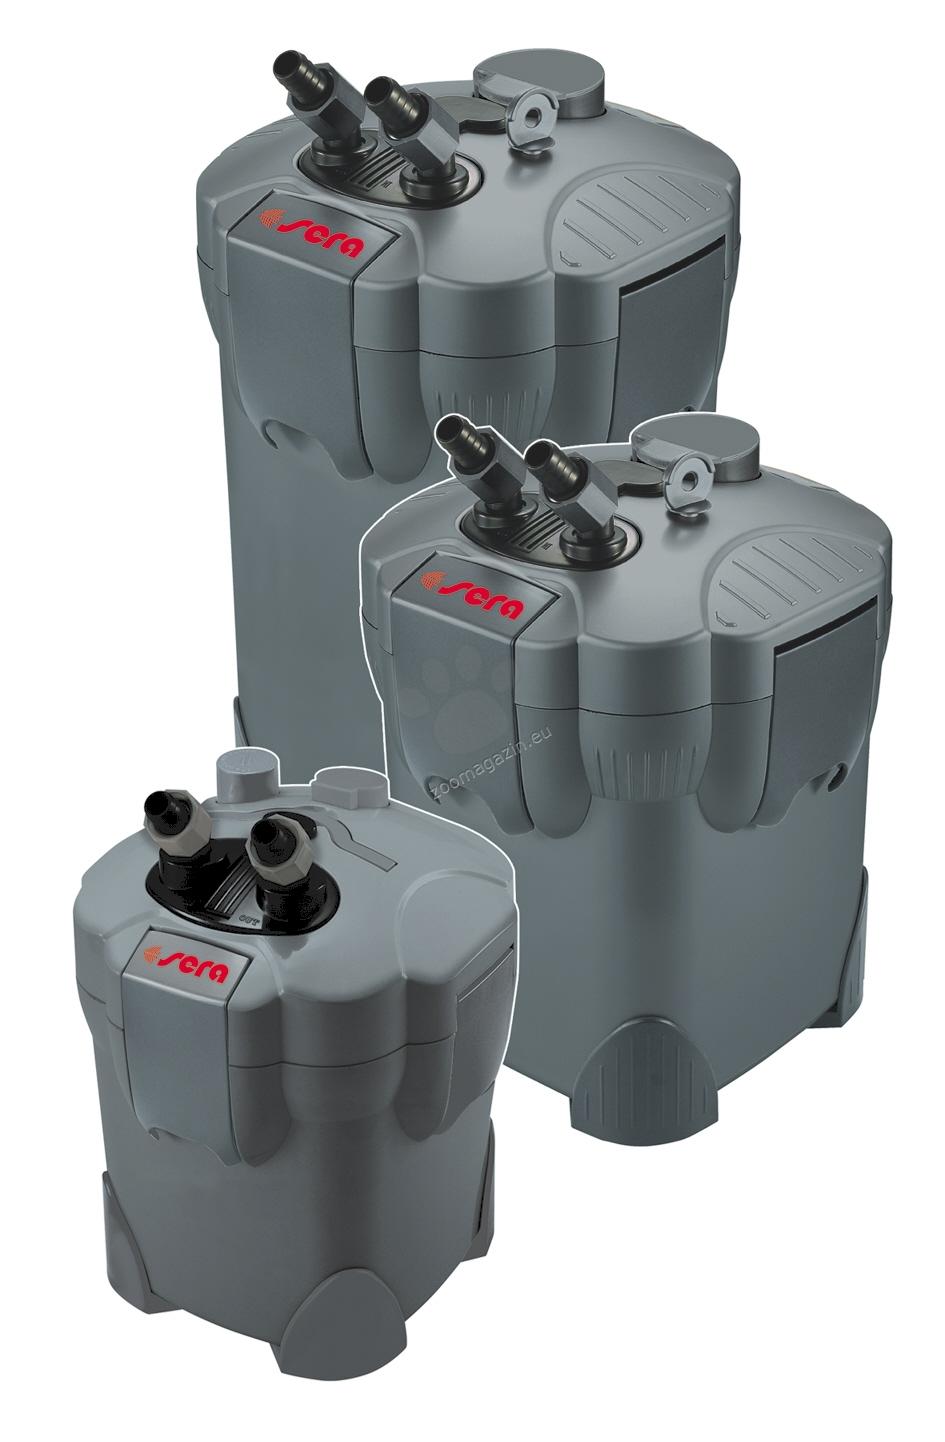 Sera - Fil Bioactive 130 - външен филтър, 300 л/ч. за аквариуми до 130 л.,